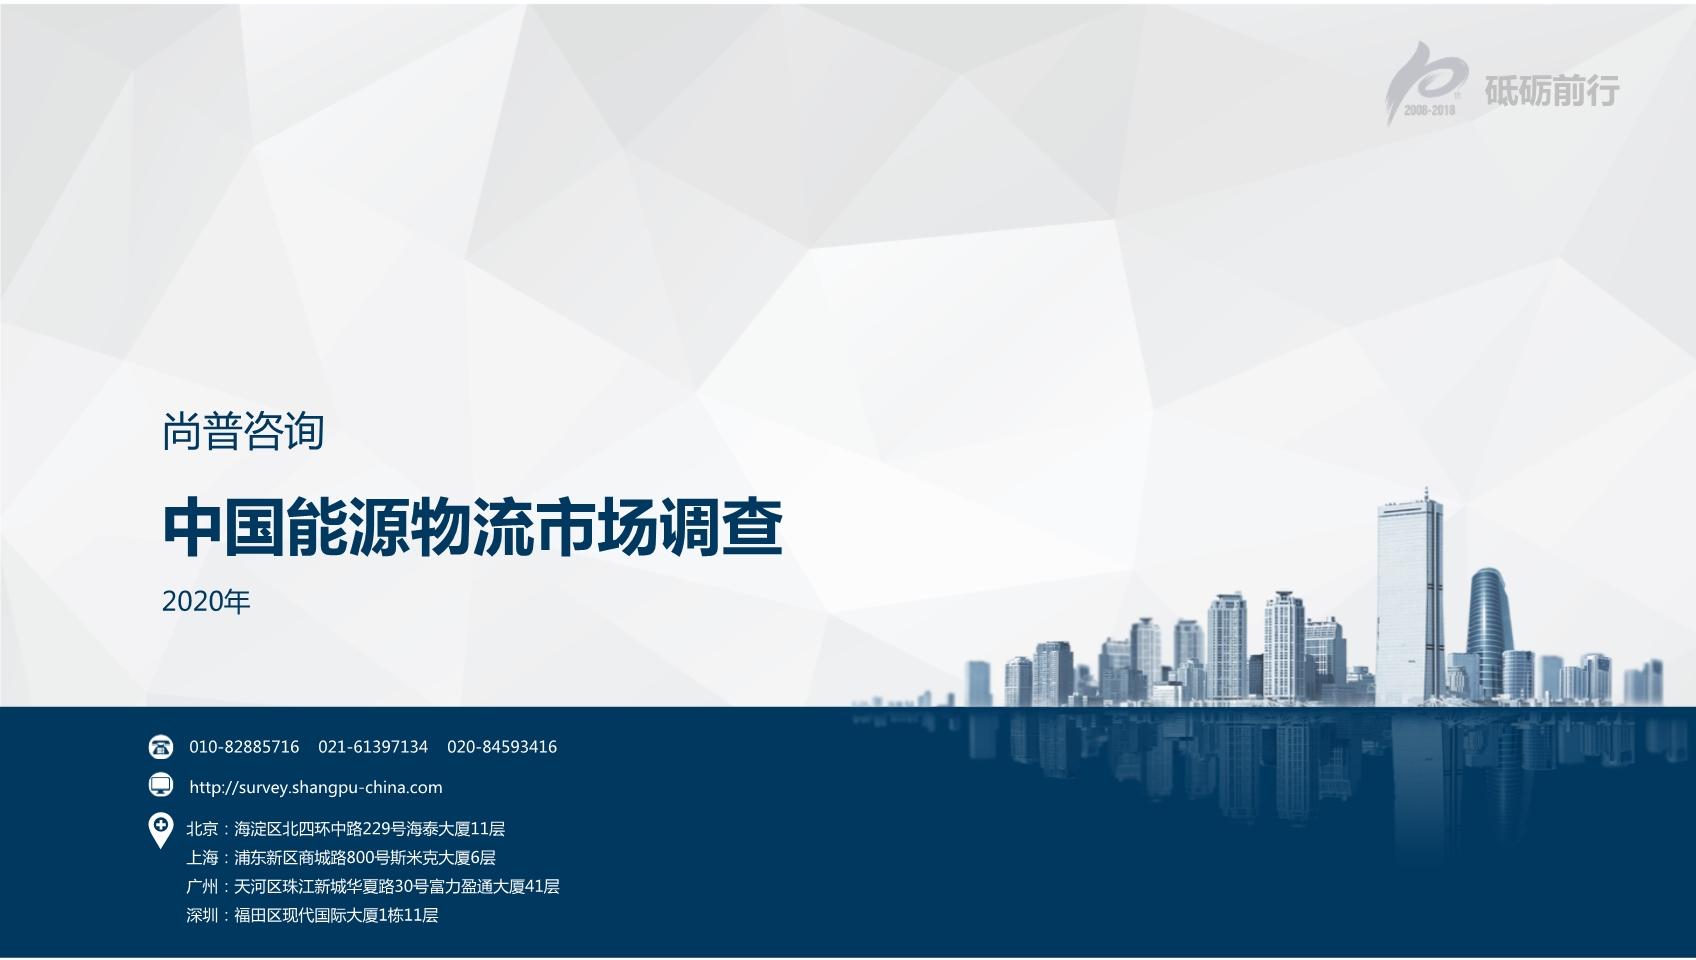 尚普咨询:2020年中国能源物流市场调查